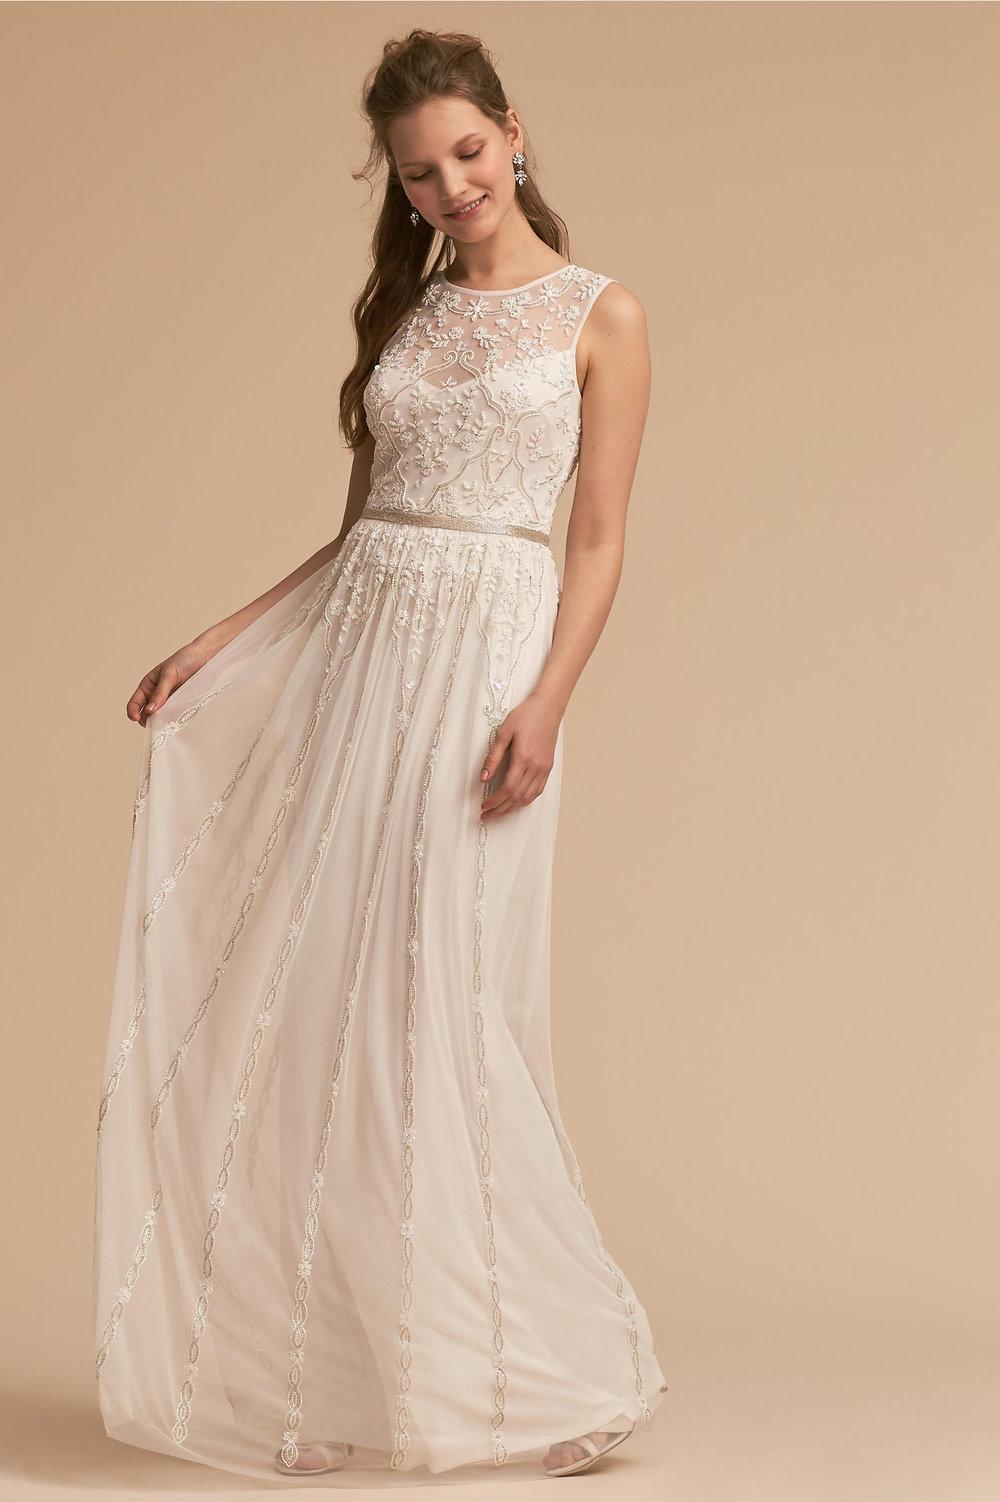 eliza dress - $200.00